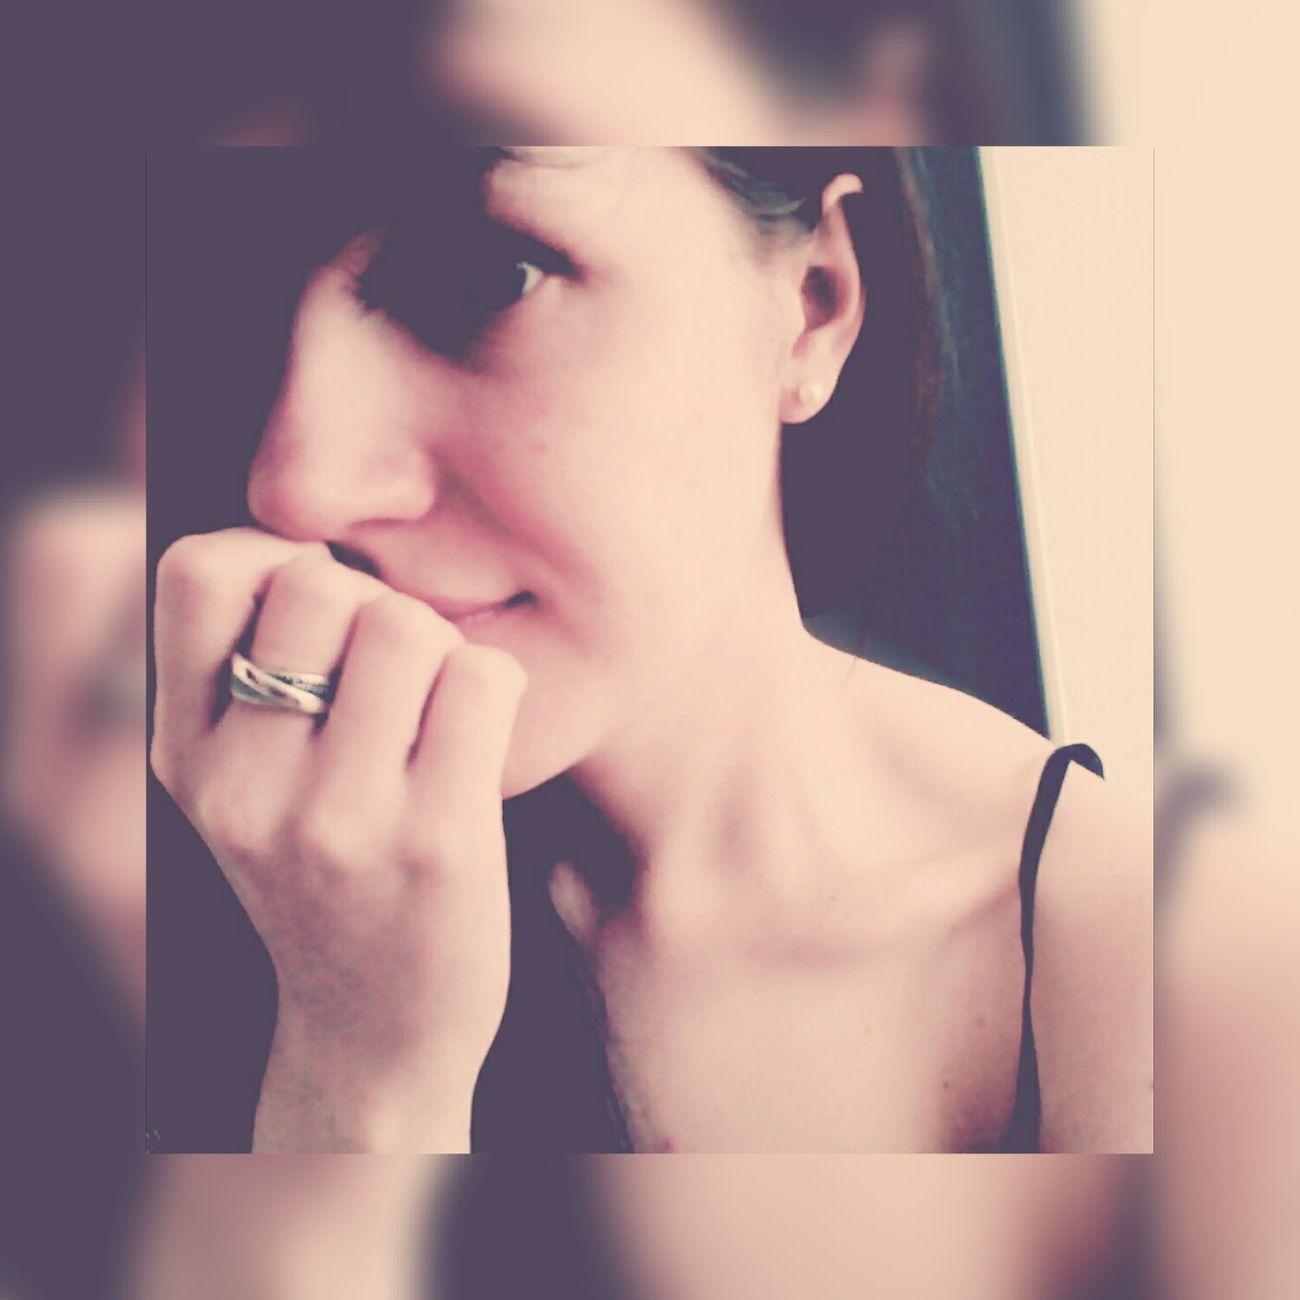 Heartbreak 💔Es ist das traurigste, wenn du einer Person immer wieder verzeihst, obwohl sie dir immer wieder weh tut Hanging Out Hello World That's Me Everyday Joy Gedankenkonfetti Check This Out Love ♥ Heartbroken Depressed